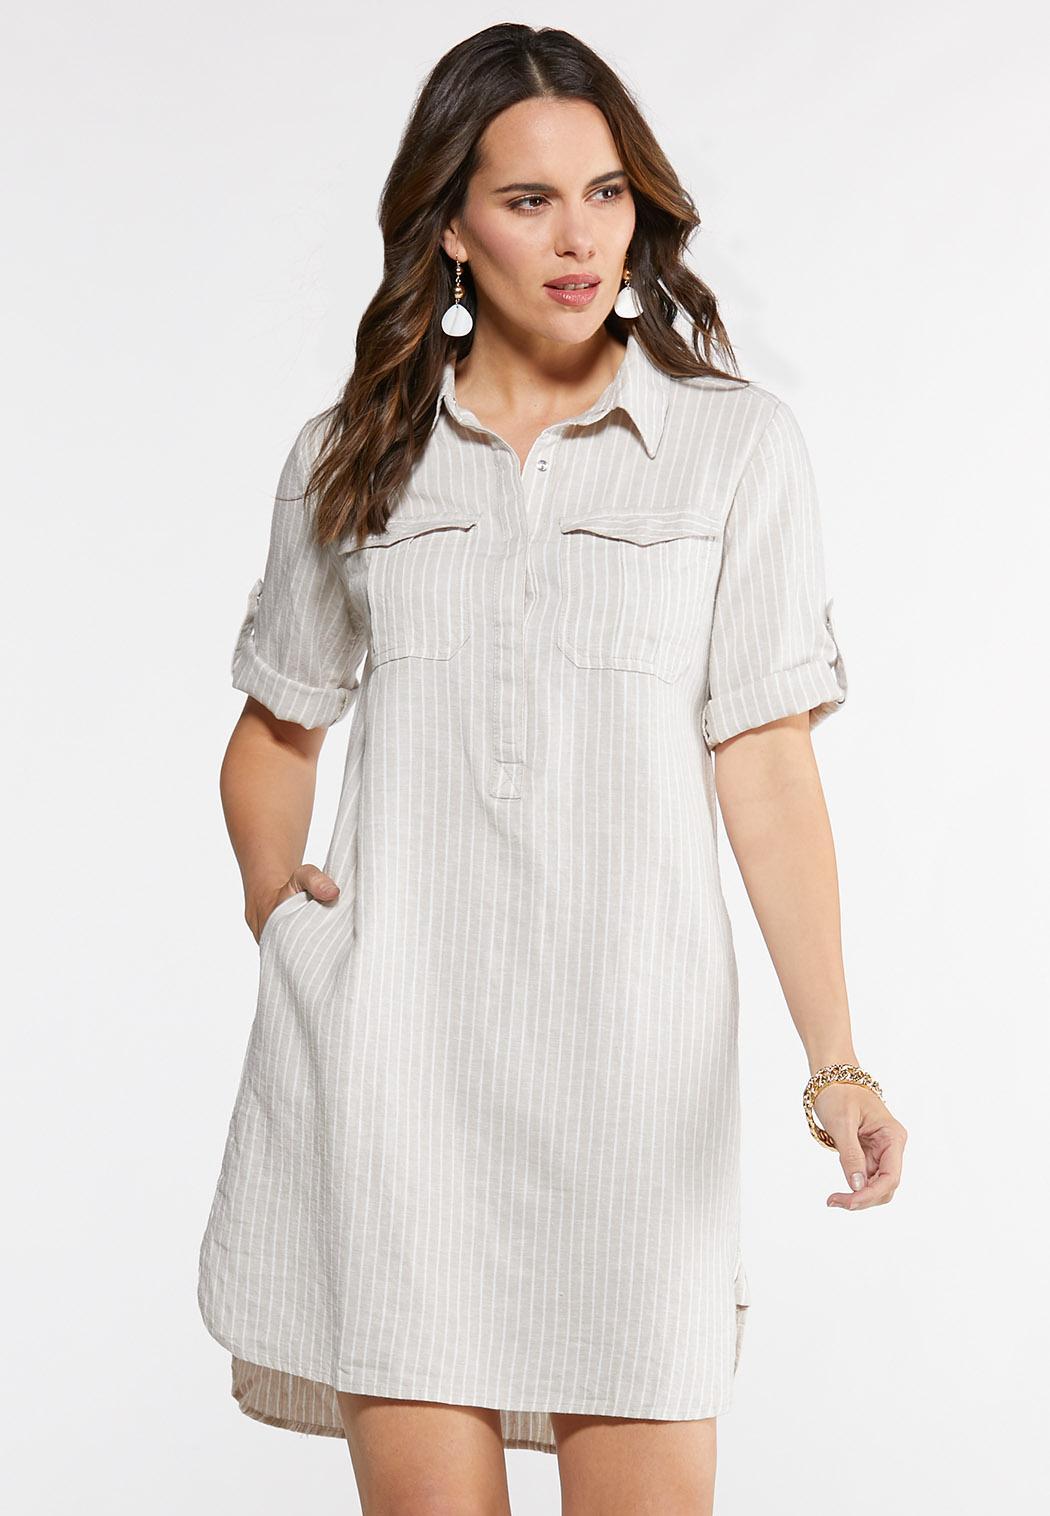 27d61b4706b7 Plus Size Dresses For Women - Swing, Maxi, Midi & More